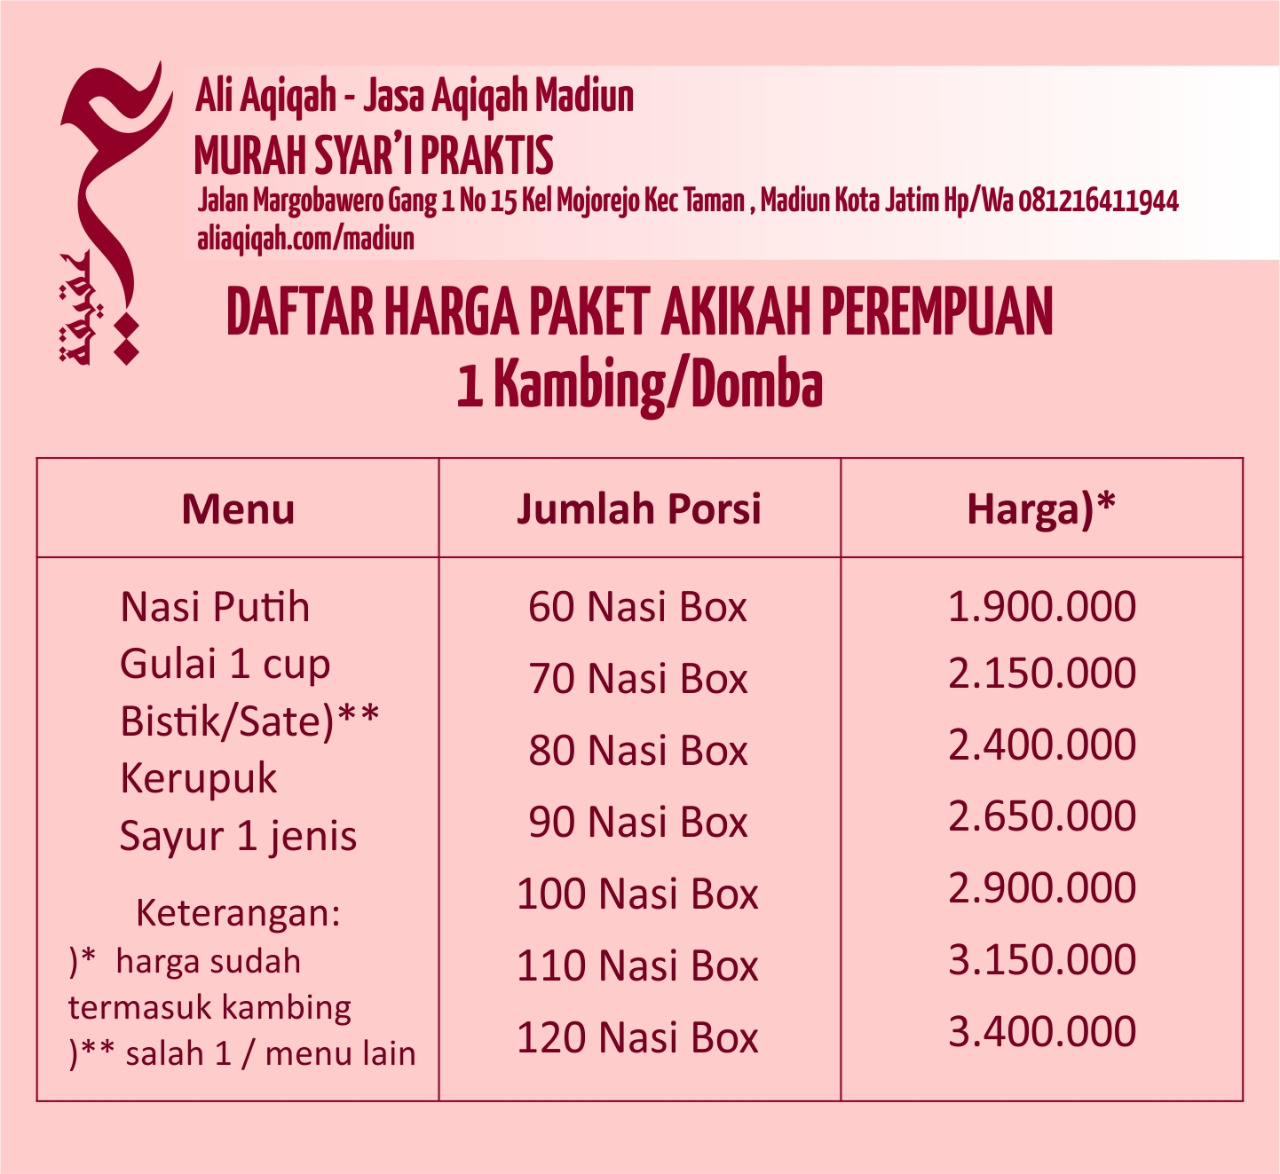 daftar harga paket aqiqah madiun untuk anak perempuan